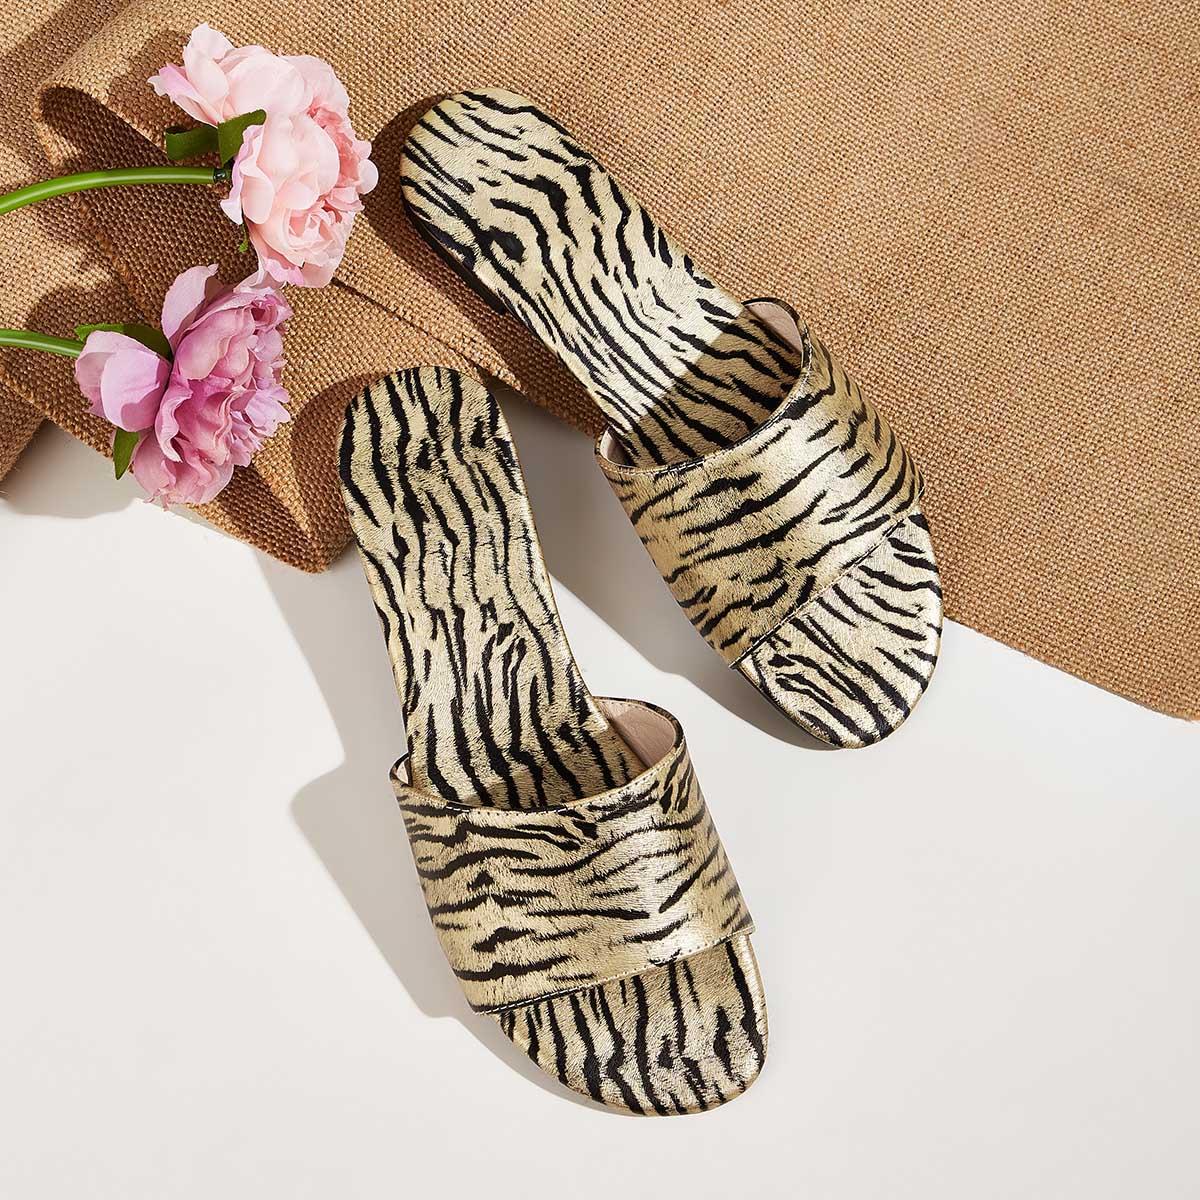 Тигровые полосатые тапочки с открытым носком